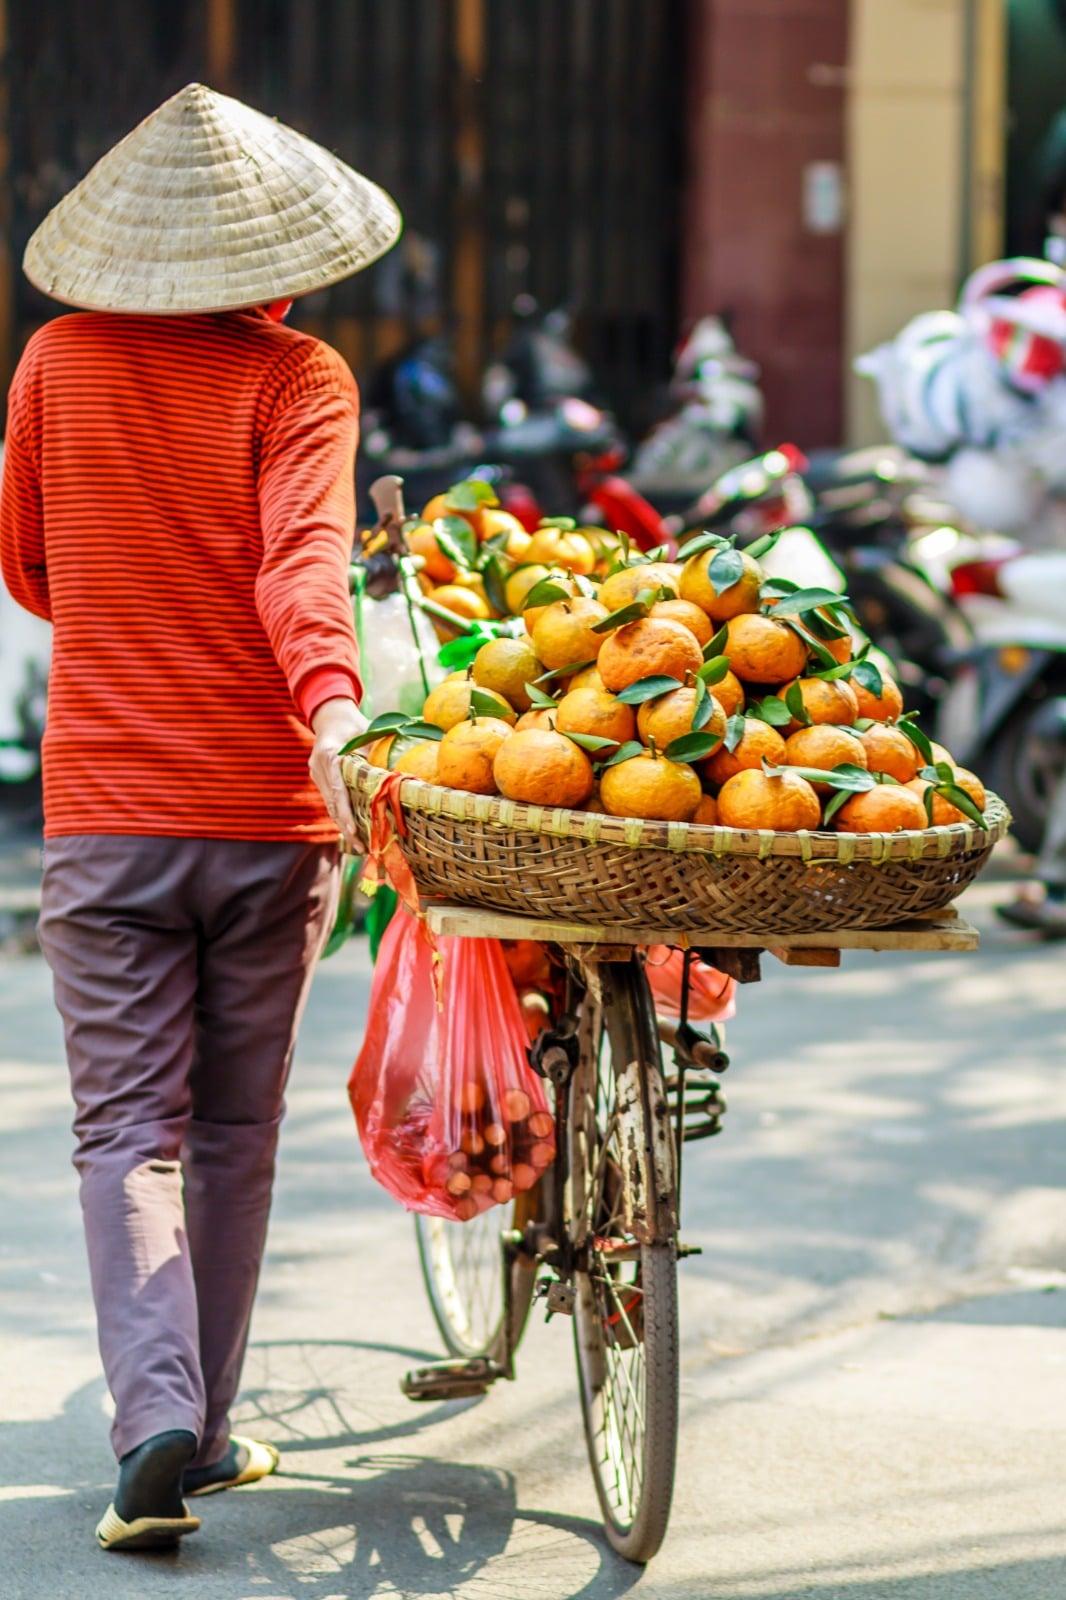 Marchande clémentine asiatique à vélo.